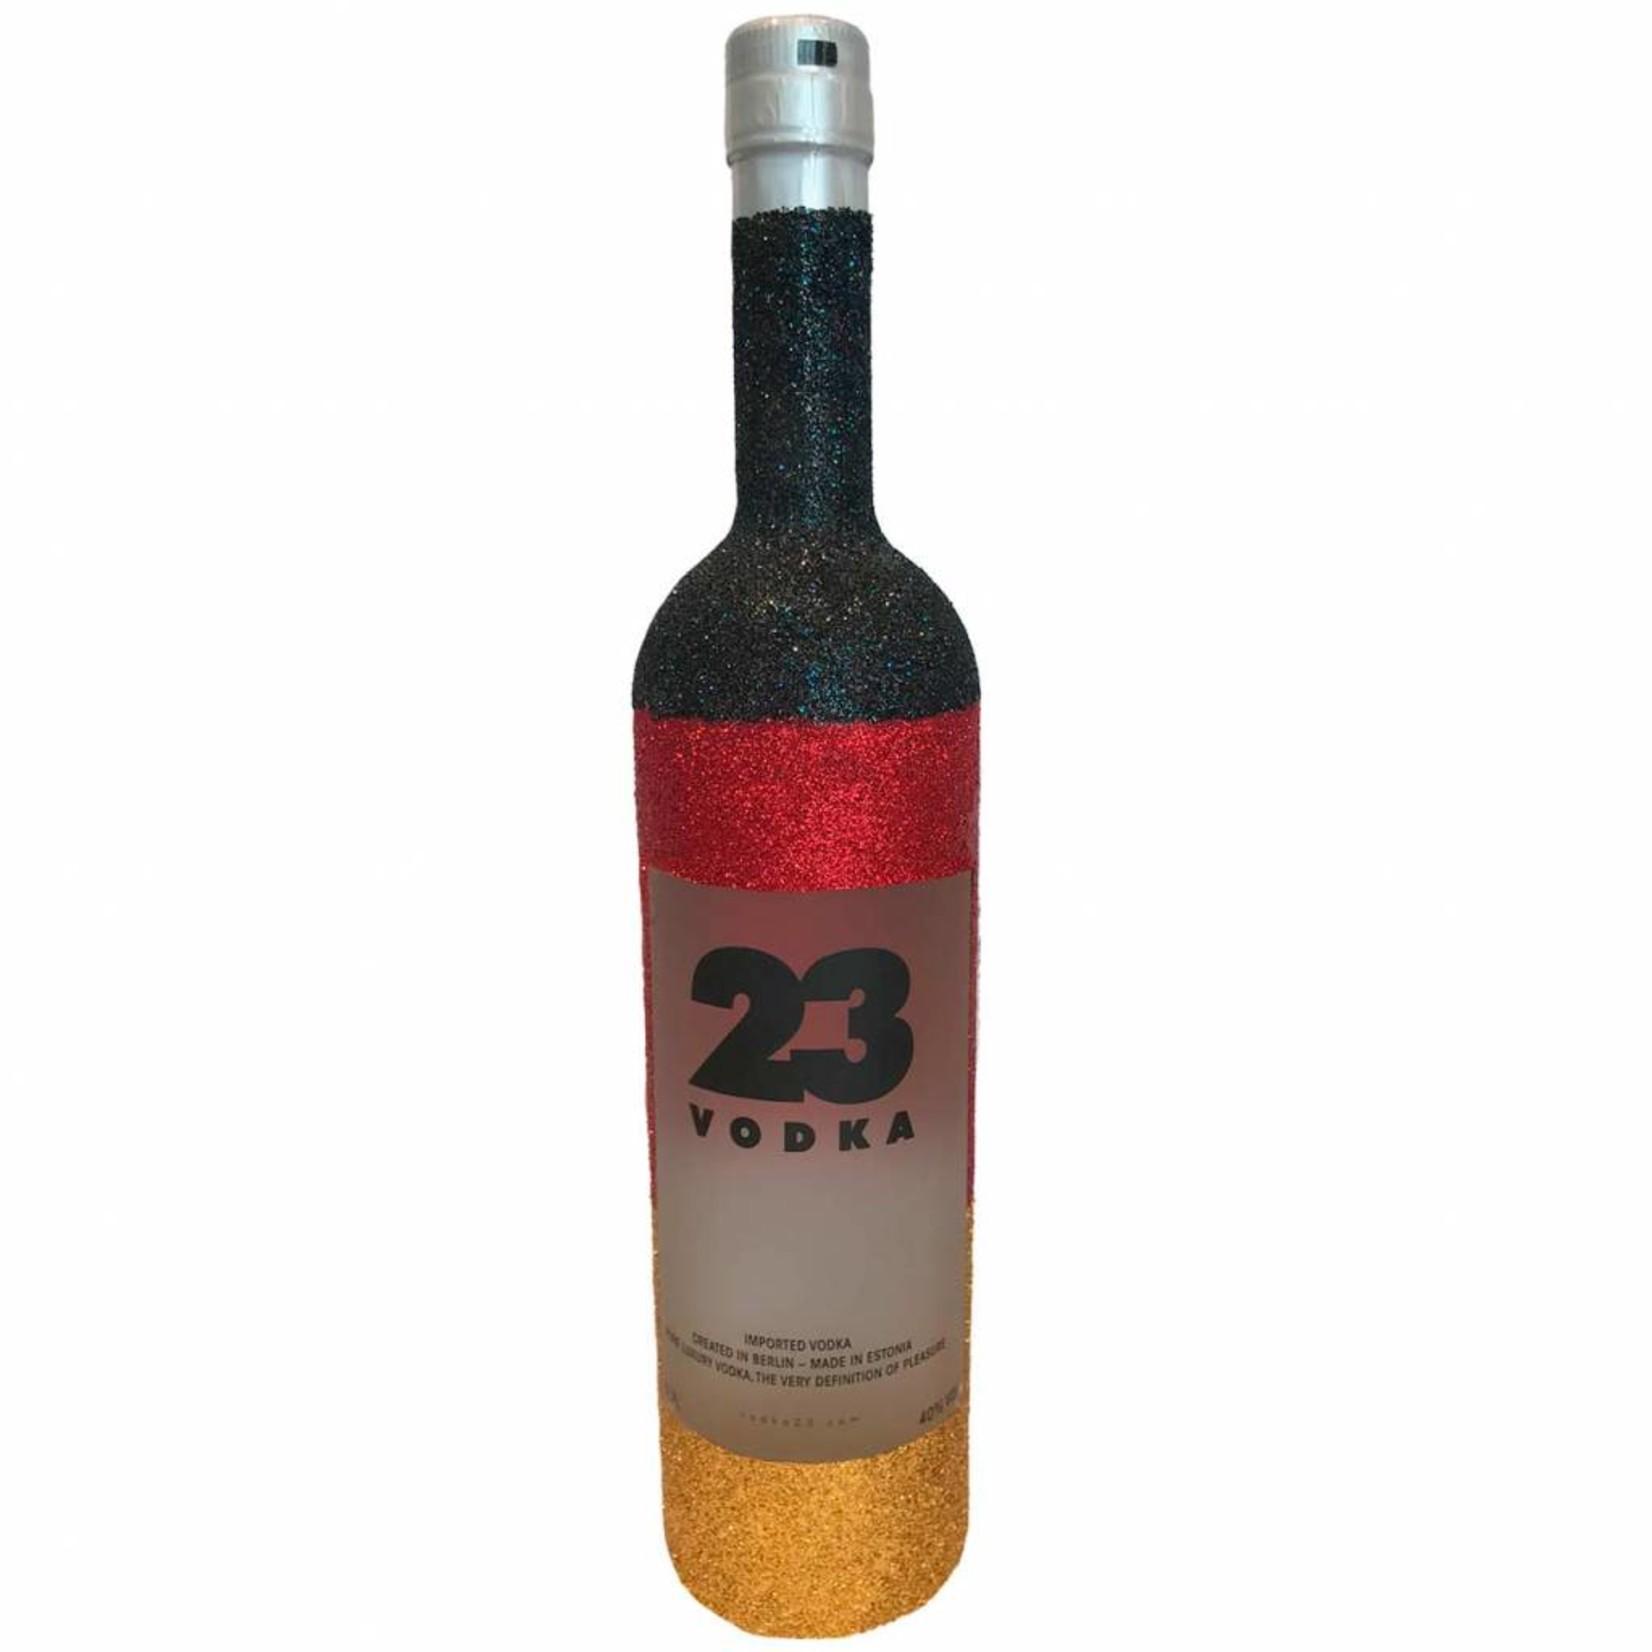 Vodka Glitzer Vodka 23 (0,7l)